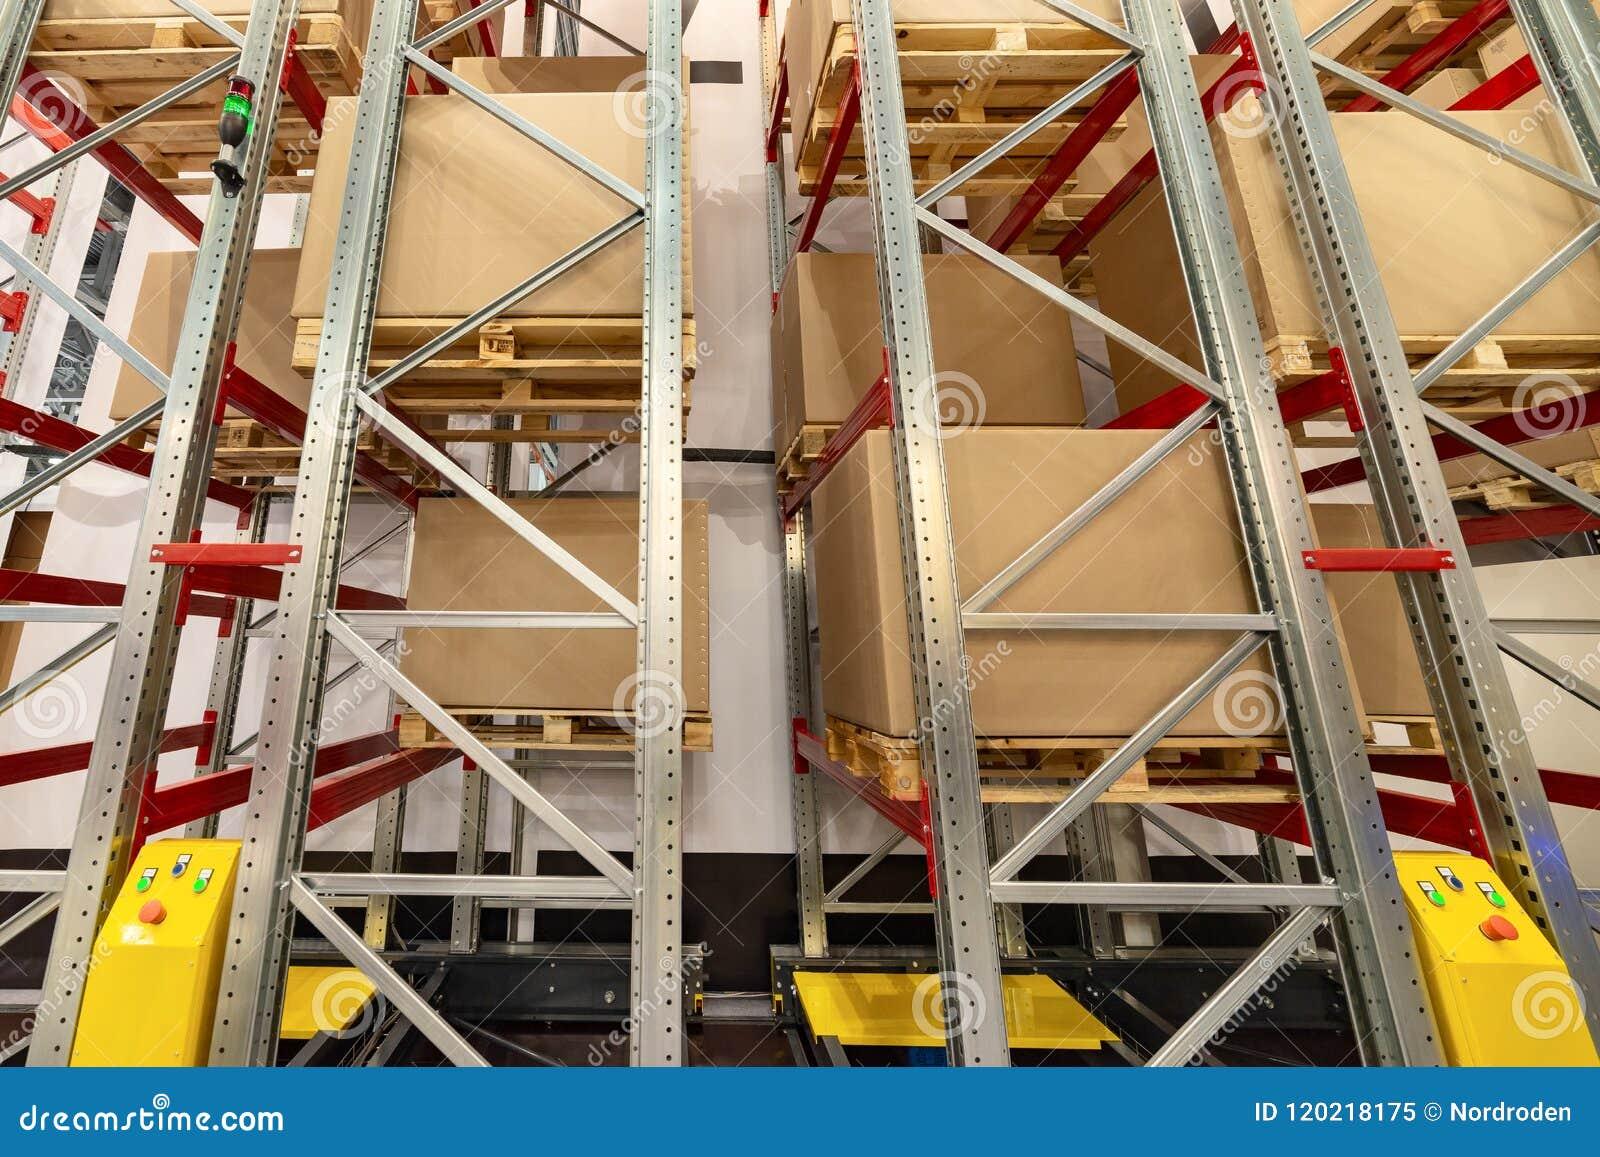 Supports de stockage en métal Sur les étagères sont les grandes boîtes en carton